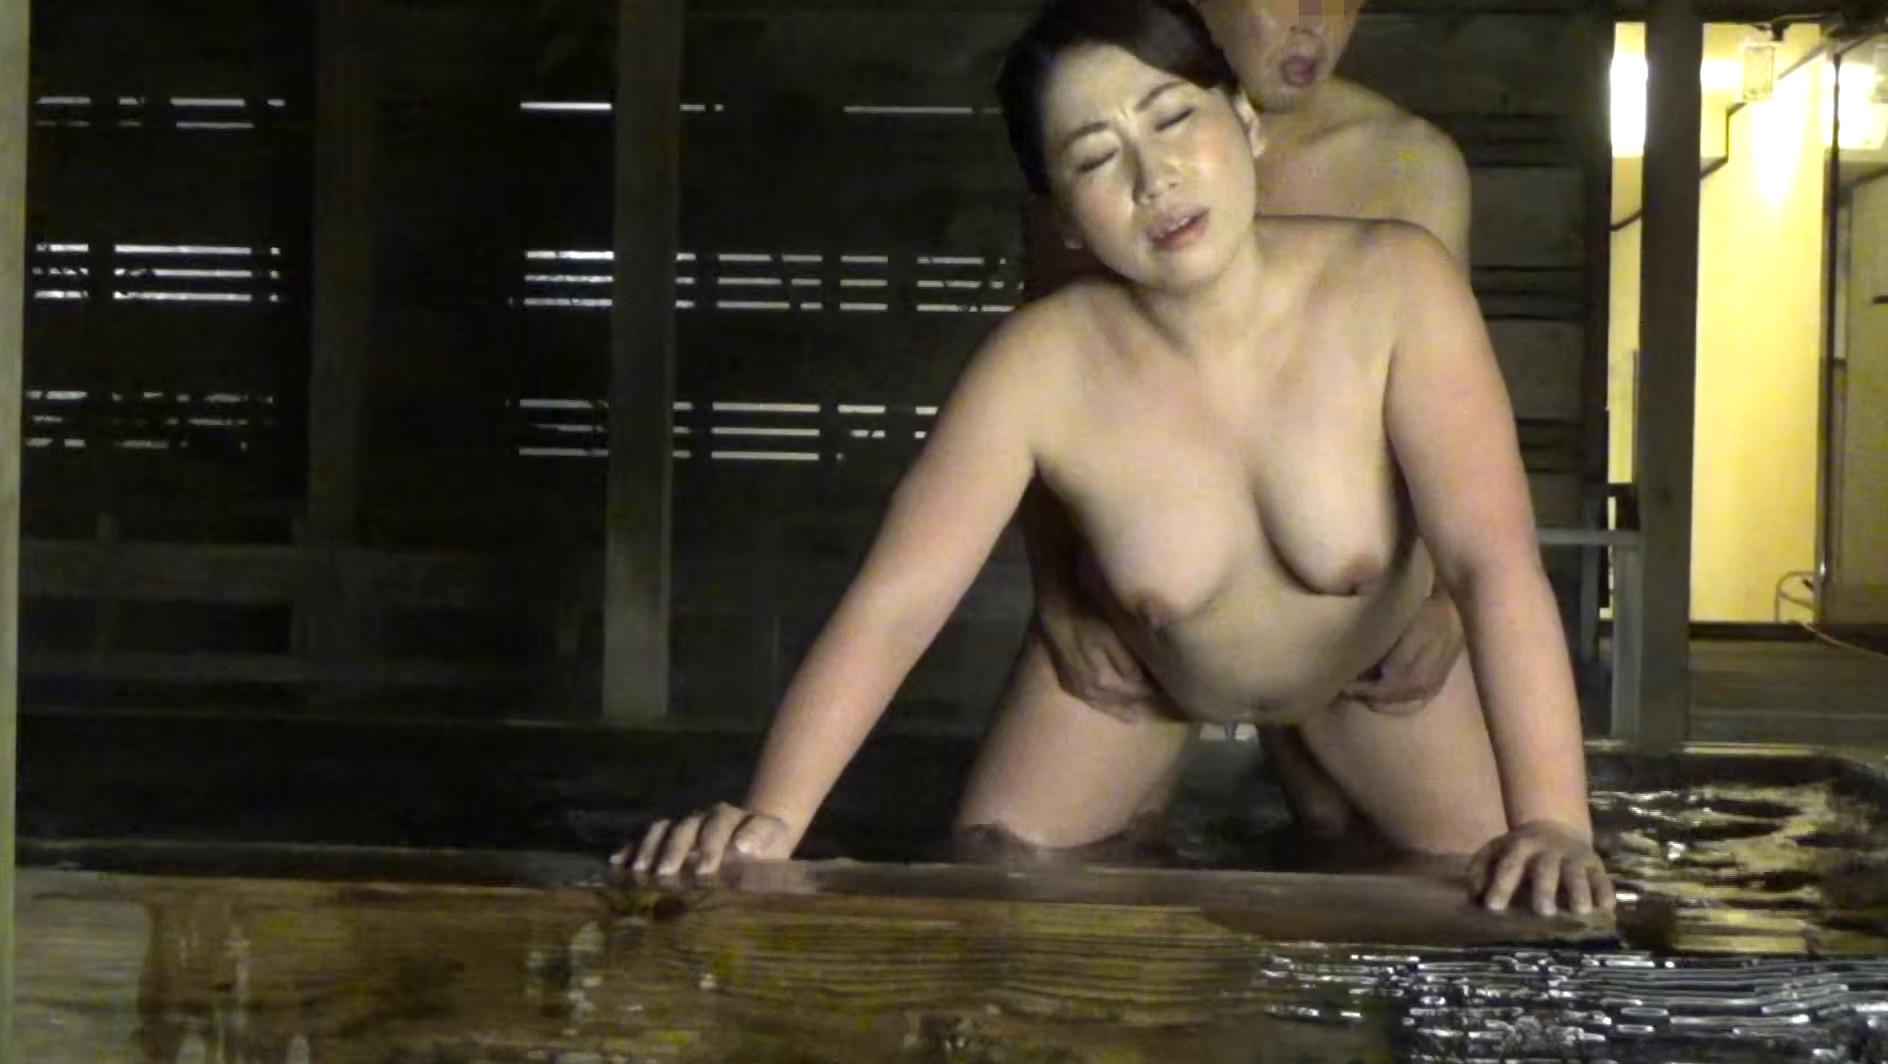 【素人】《偶然混浴》ヤっちゃった映像,のサンプル画像4